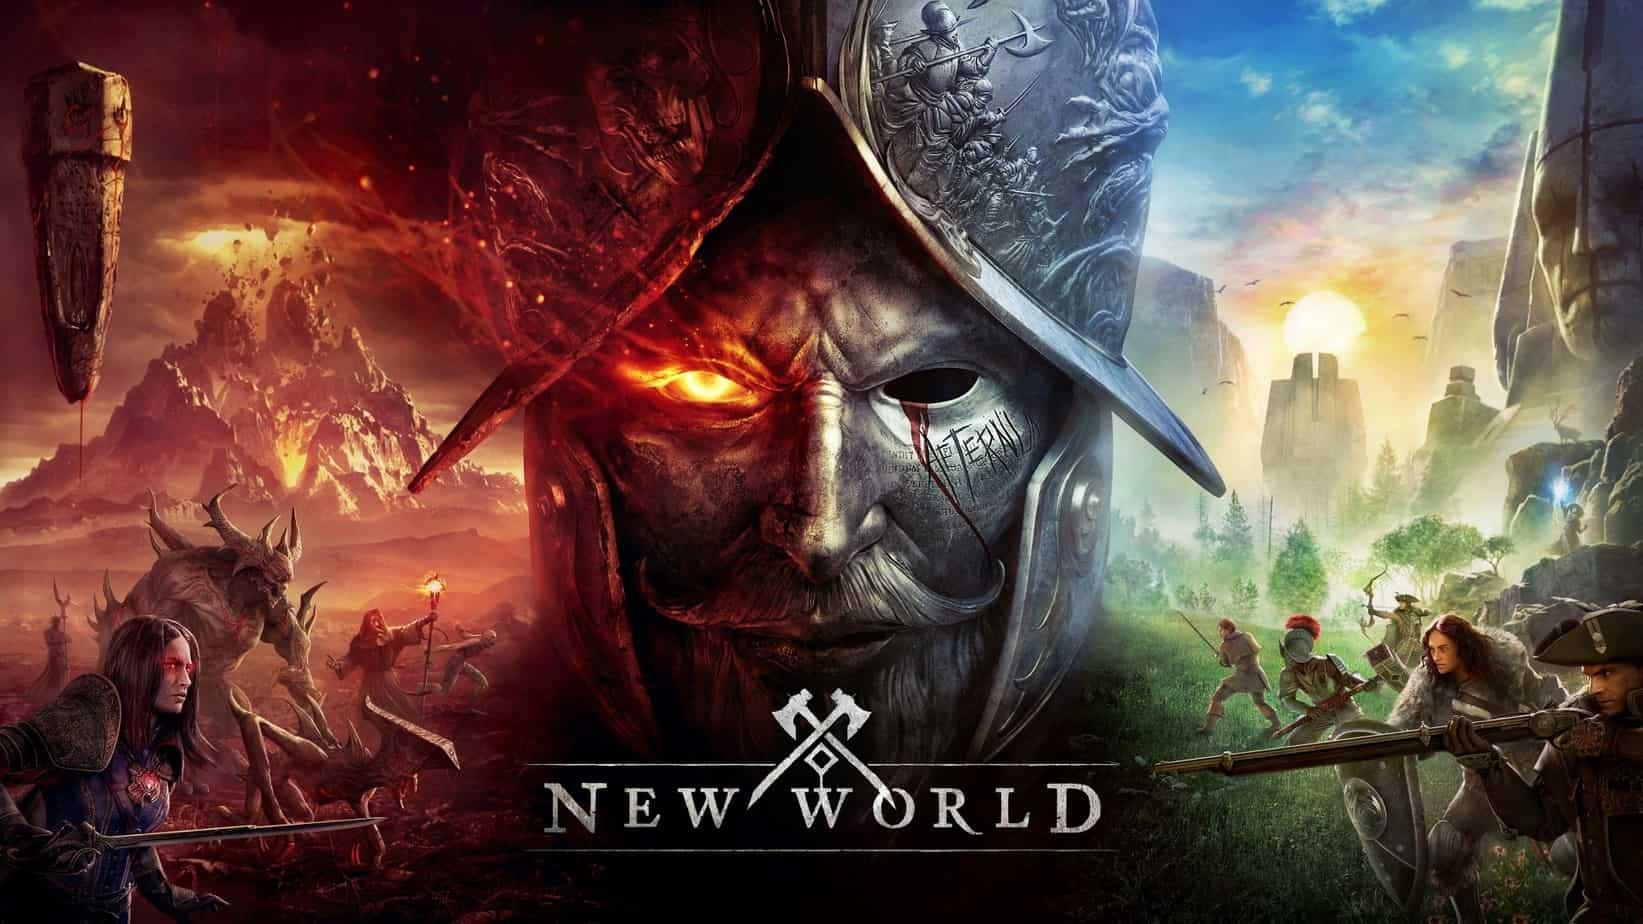 New World, le jeu d'Amazon Game Studio accueille près de 200 000 joueurs simultanément.